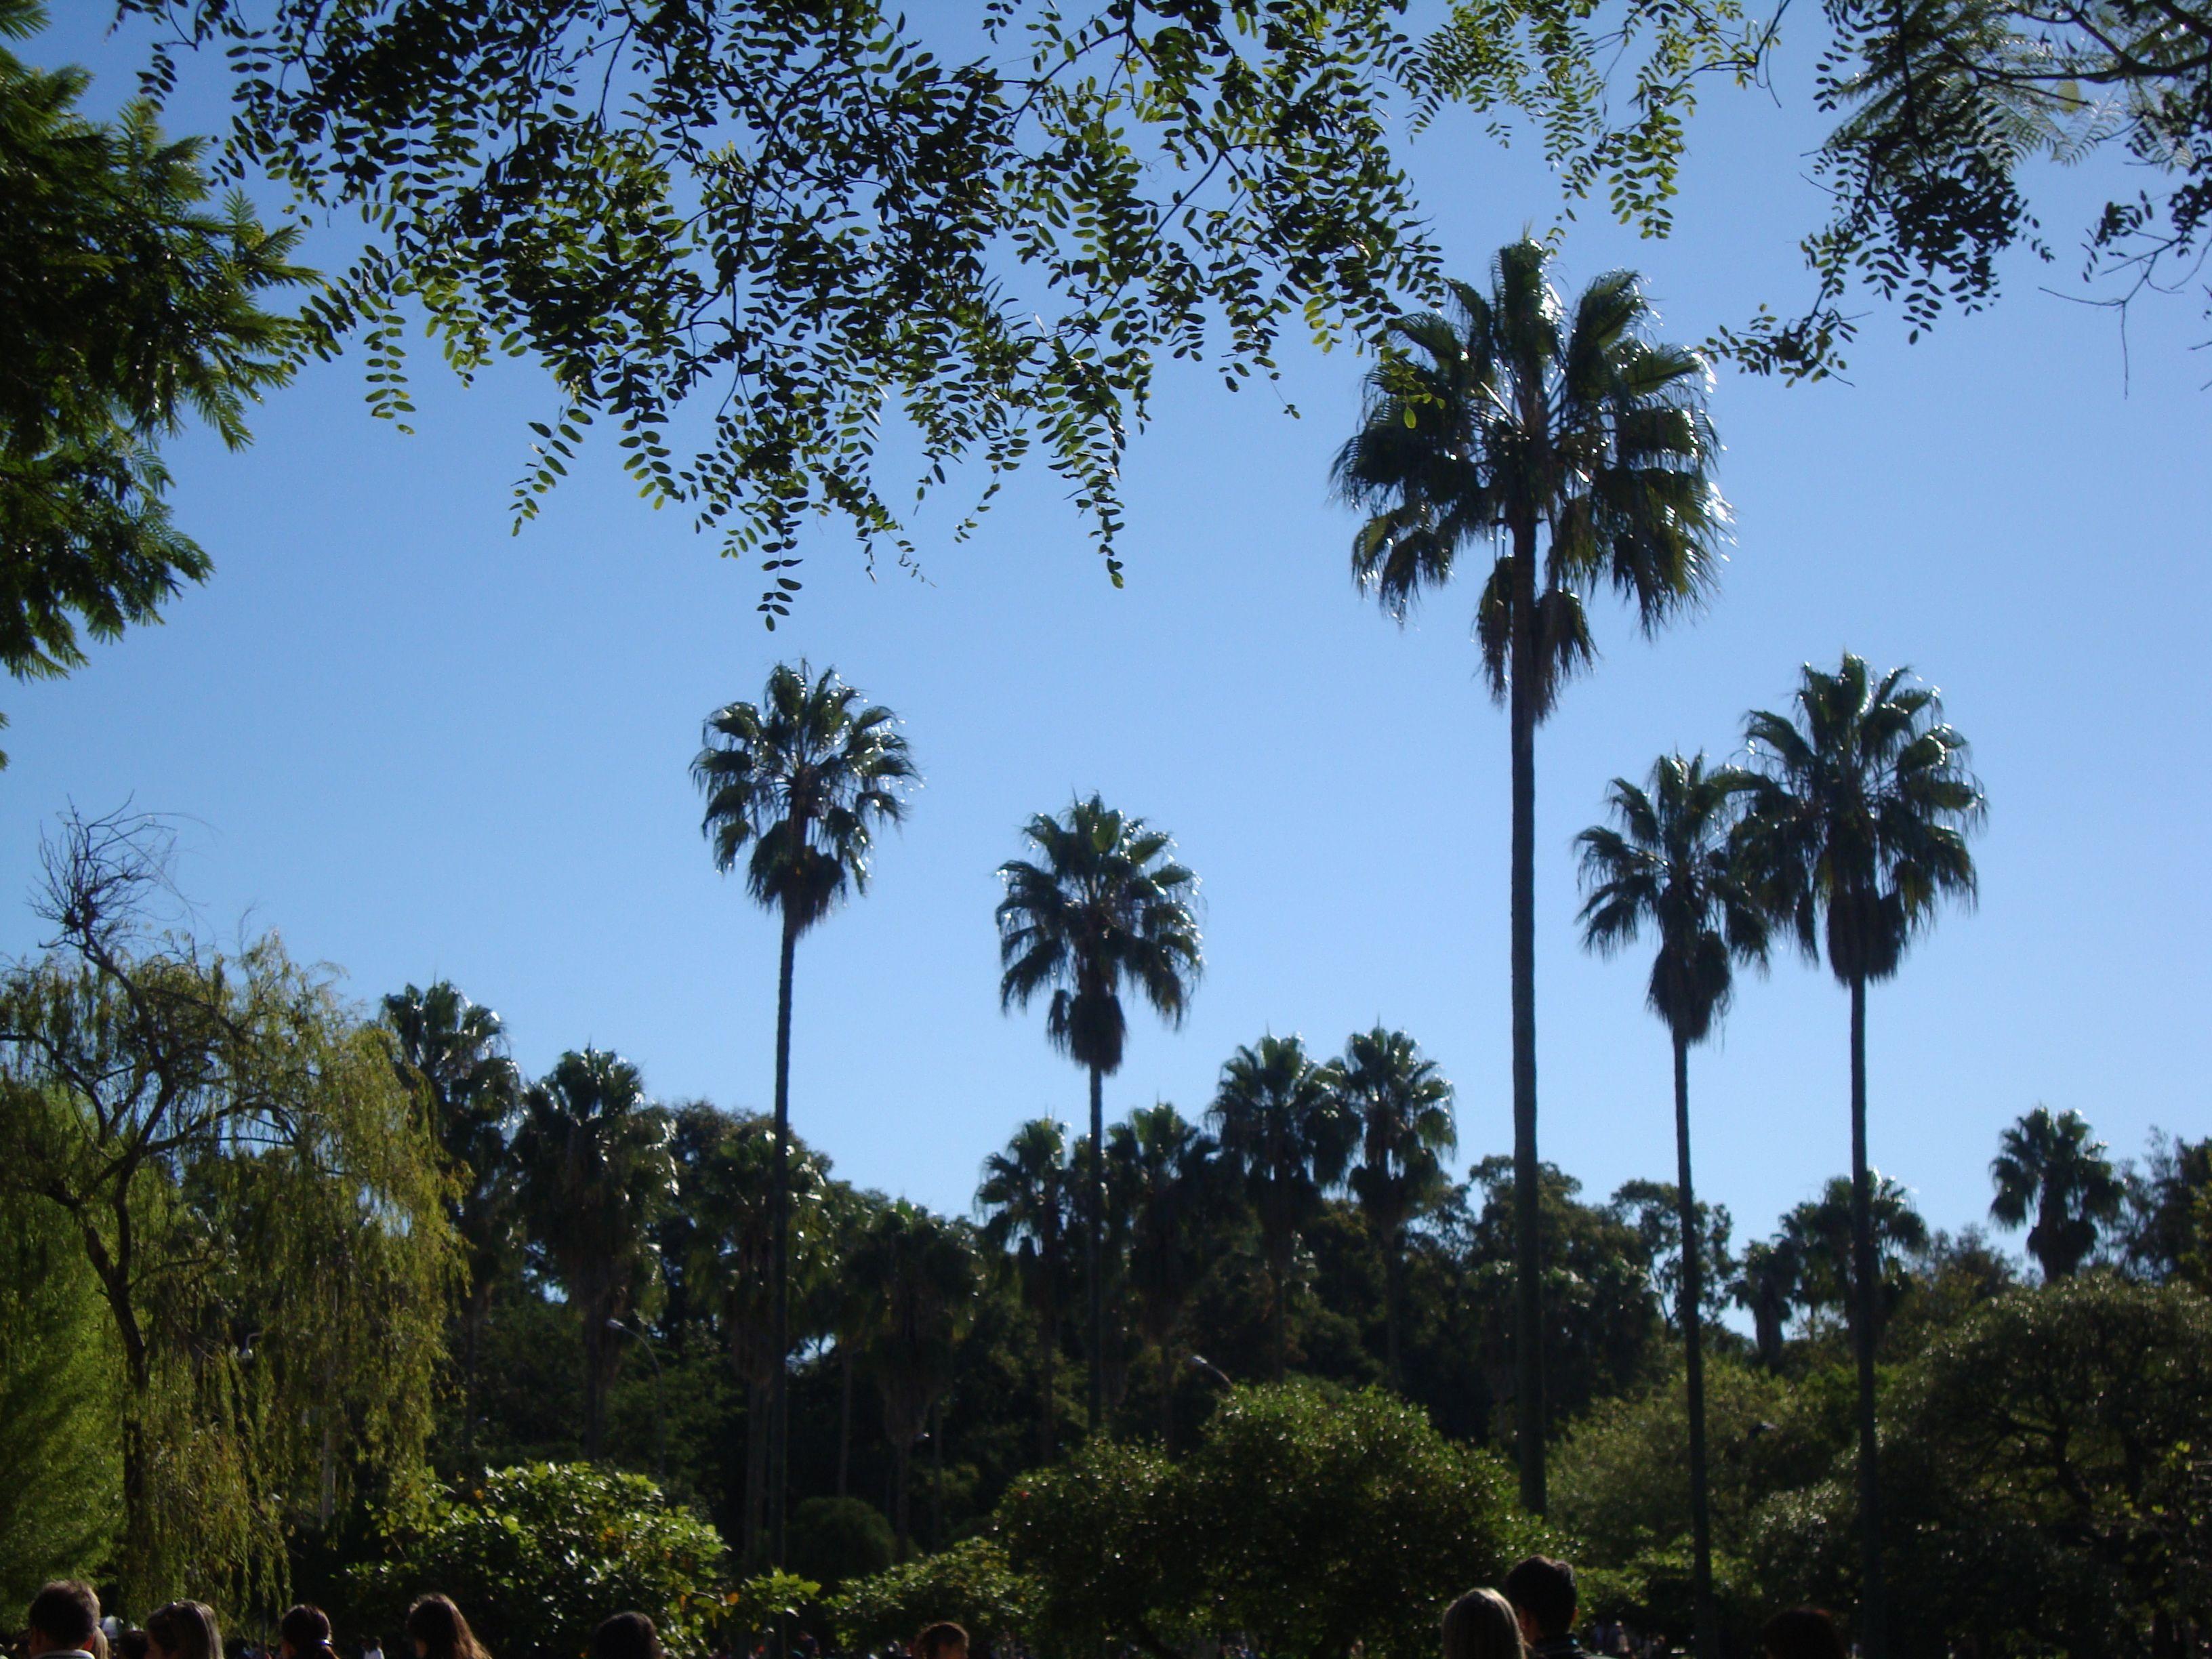 Parque Farroupilha, mais conhecido como Parque da Redenção. Porto Alegre/RS Fotografado por mim.